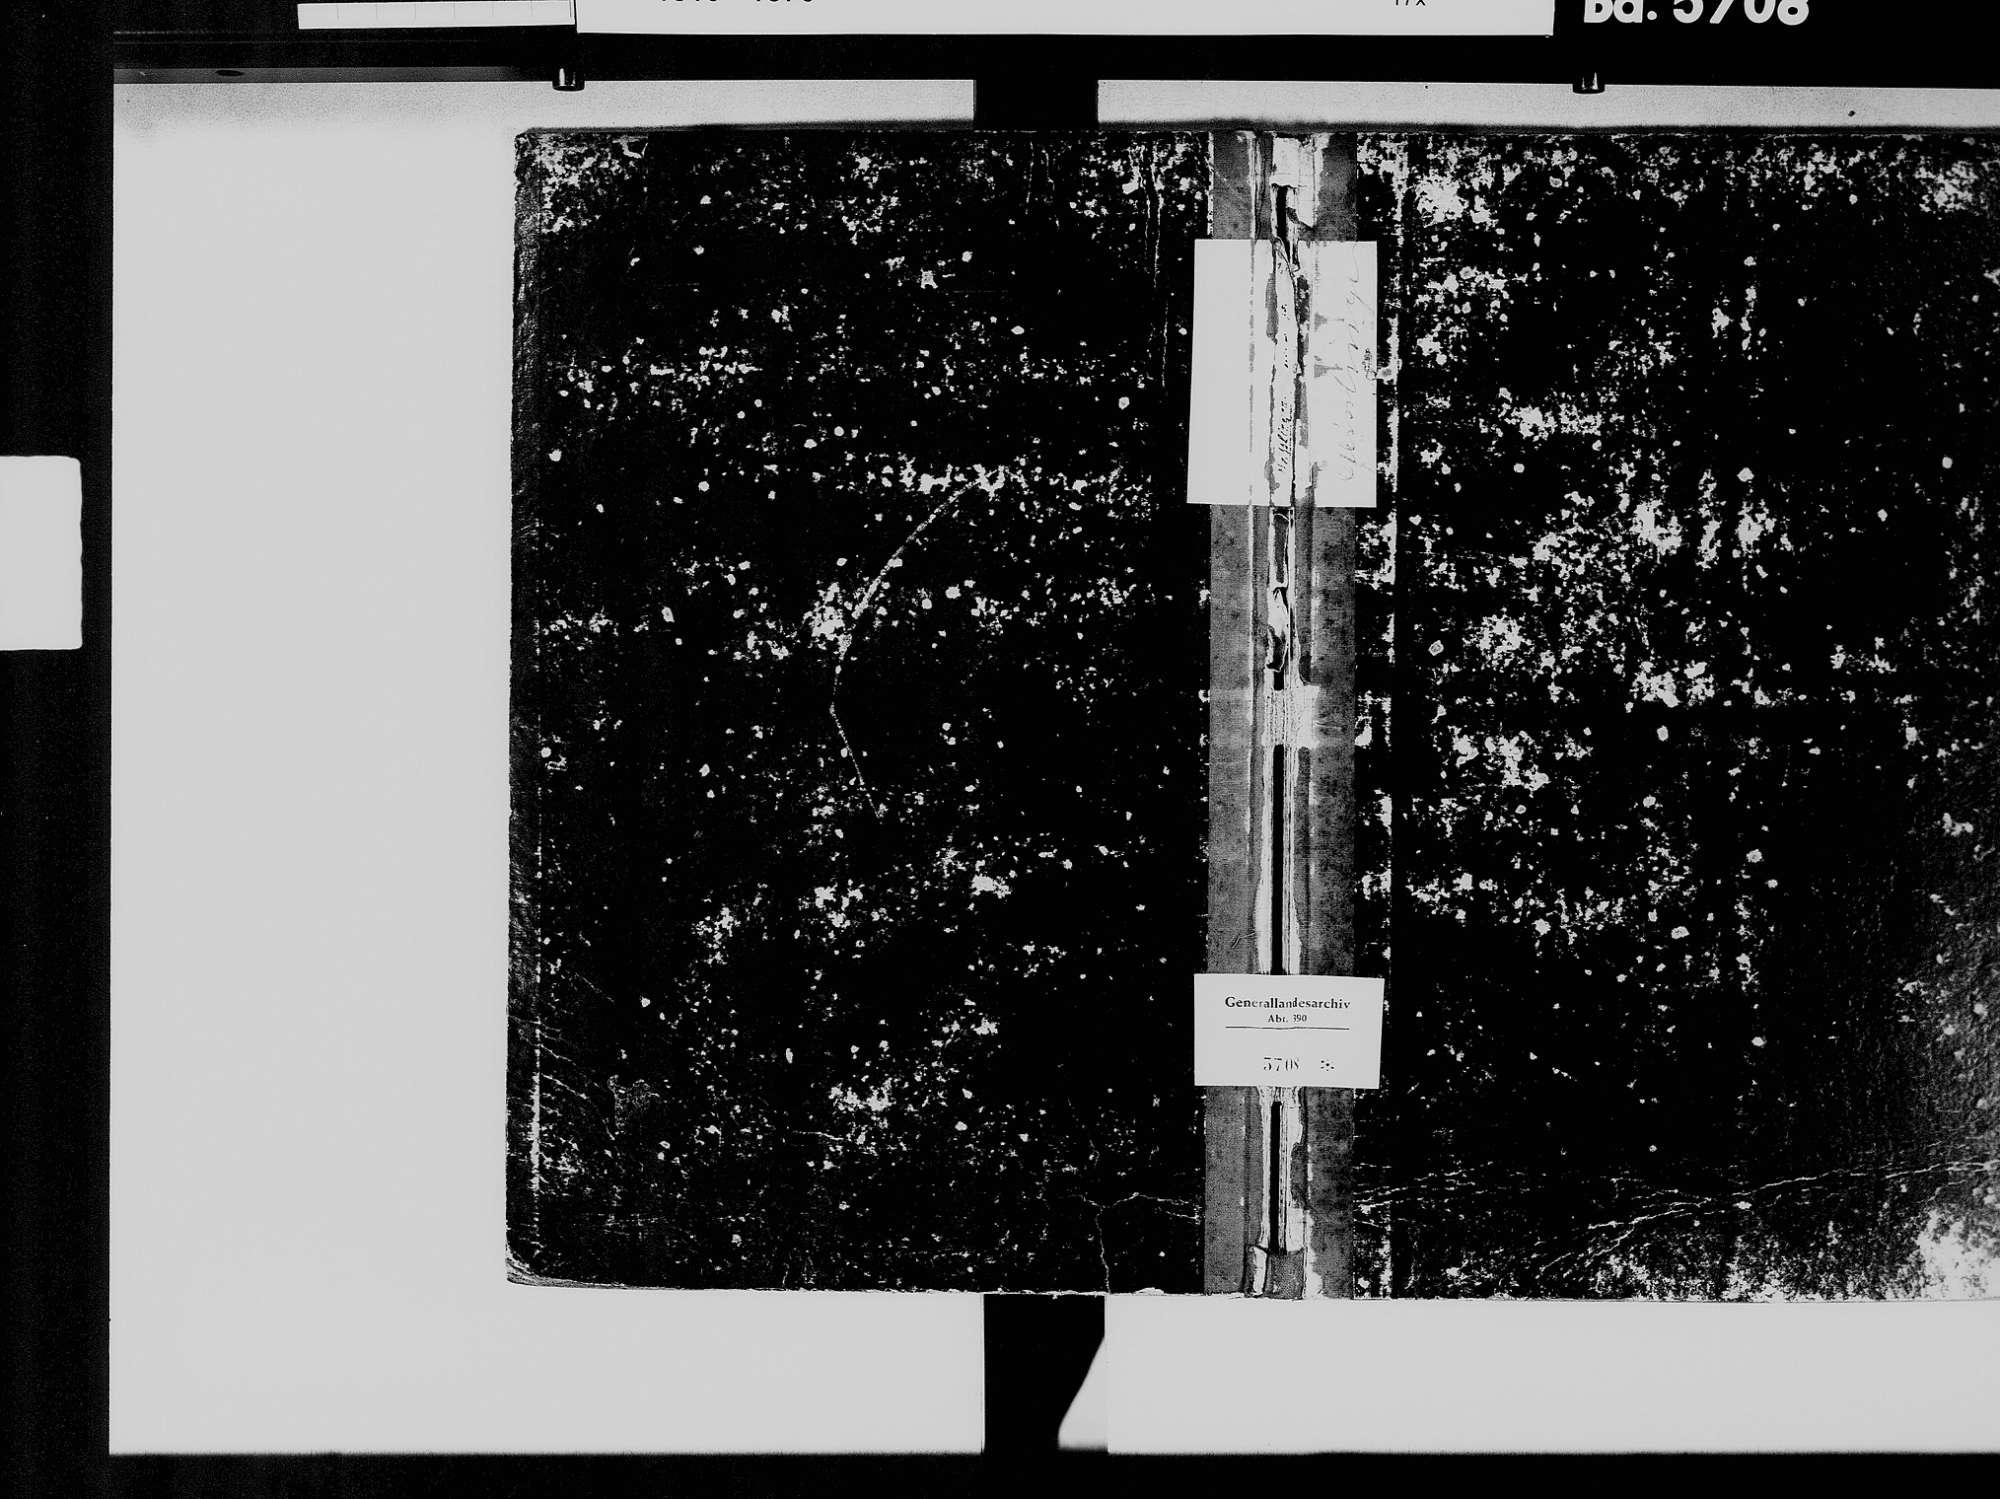 Geißlingen, Klettgau WT; Katholische Gemeinde: Geburtenbuch 1867-1869 Geißlingen, Klettgau WT; Katholische Gemeinde: Heiratsbuch 1867-1869 Geißlingen, Klettgau WT; Katholische Gemeinde: Sterbebuch 1867-1869, Bild 2